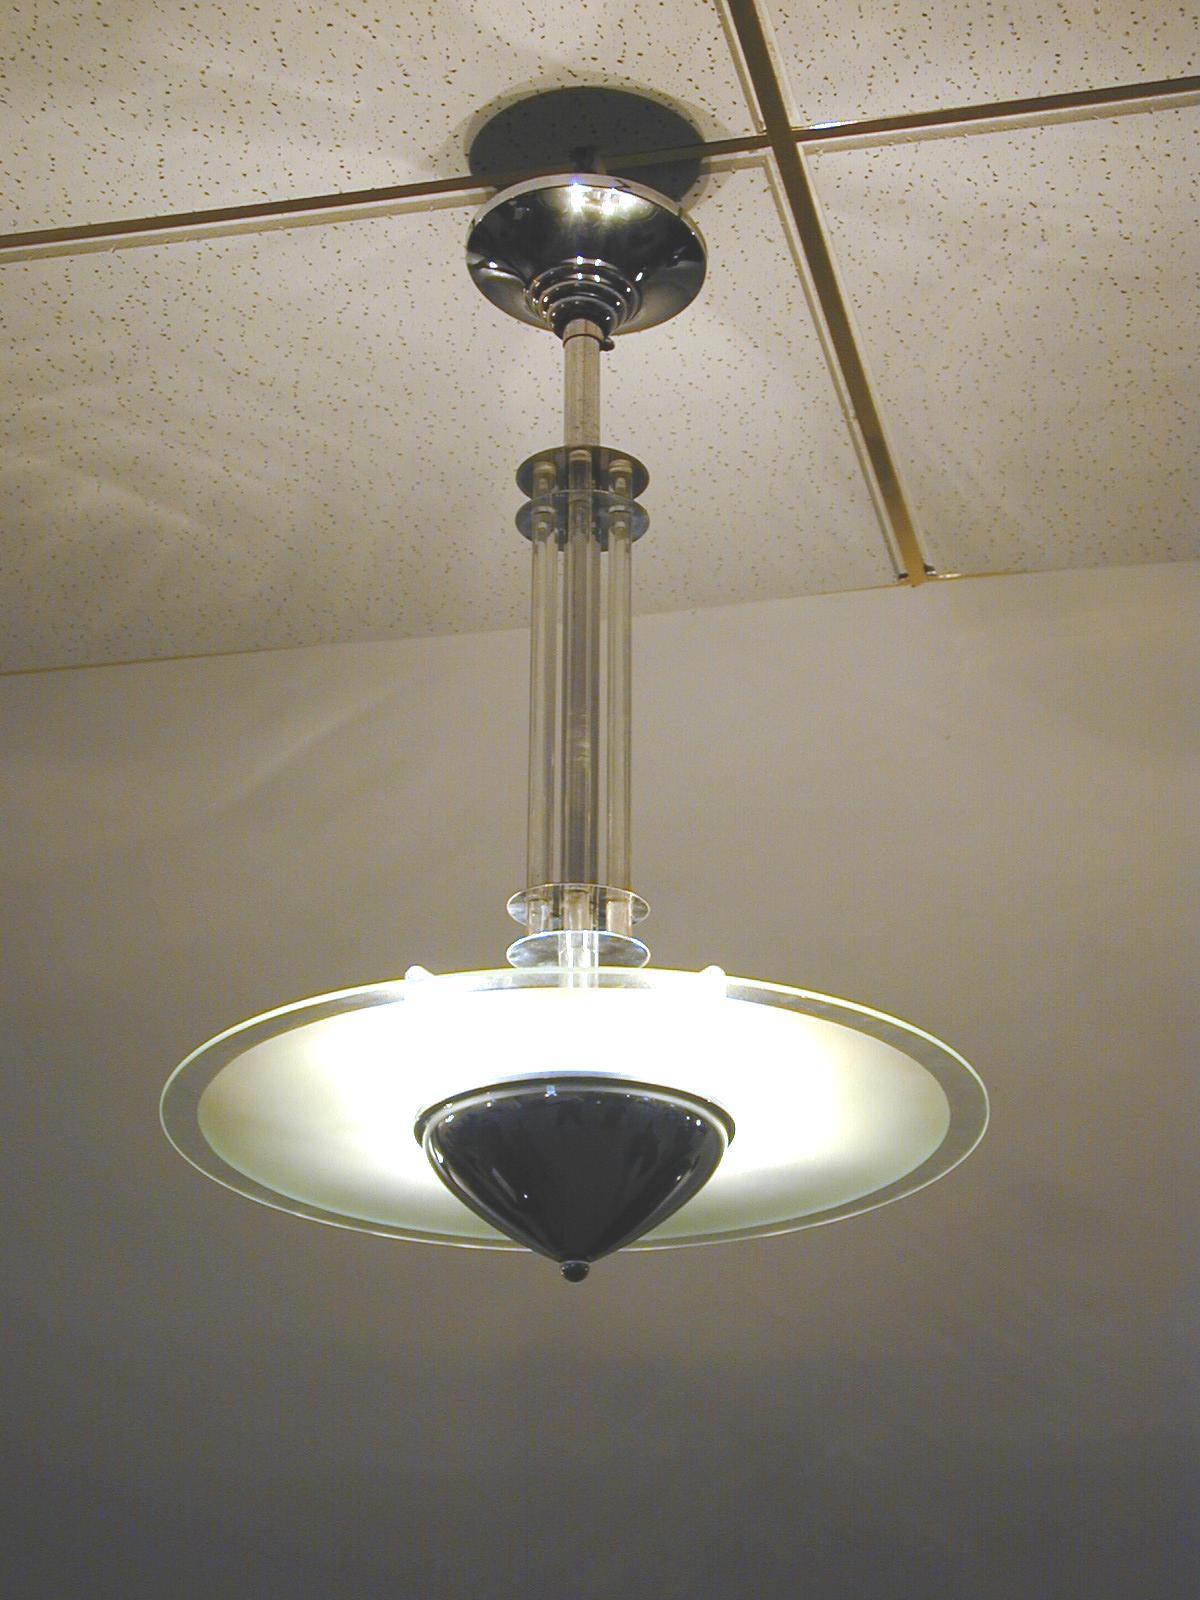 Art Deco Deckenlampe, 30er Jahre in Originalzustand - verkauft